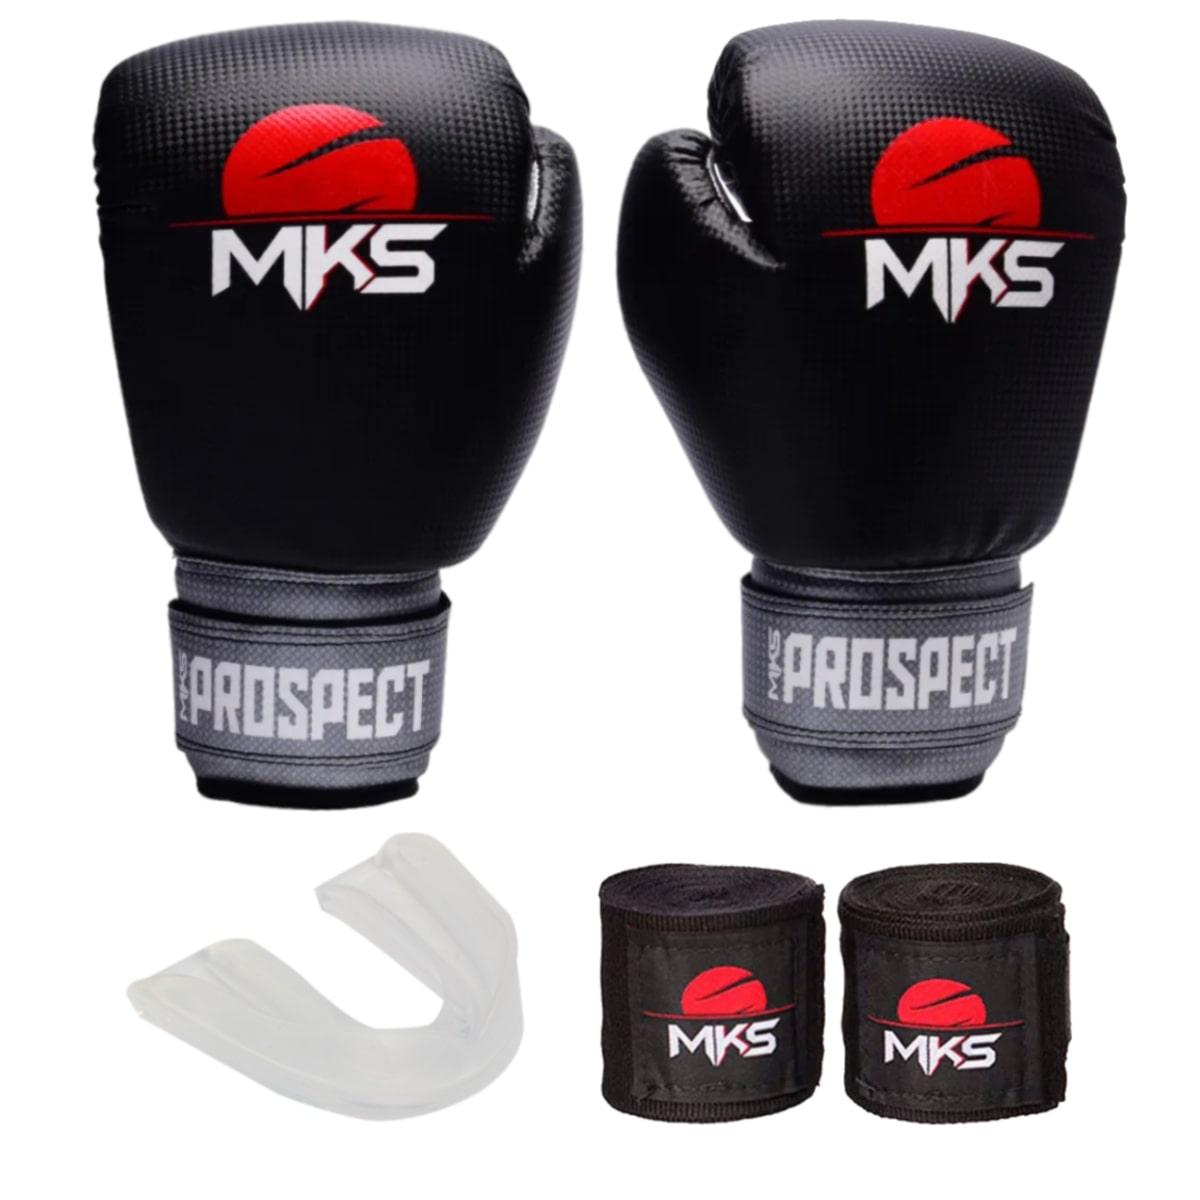 Kit Boxe MKS Prospect: Luva + Bandagem + Bucal - Preto e Prata